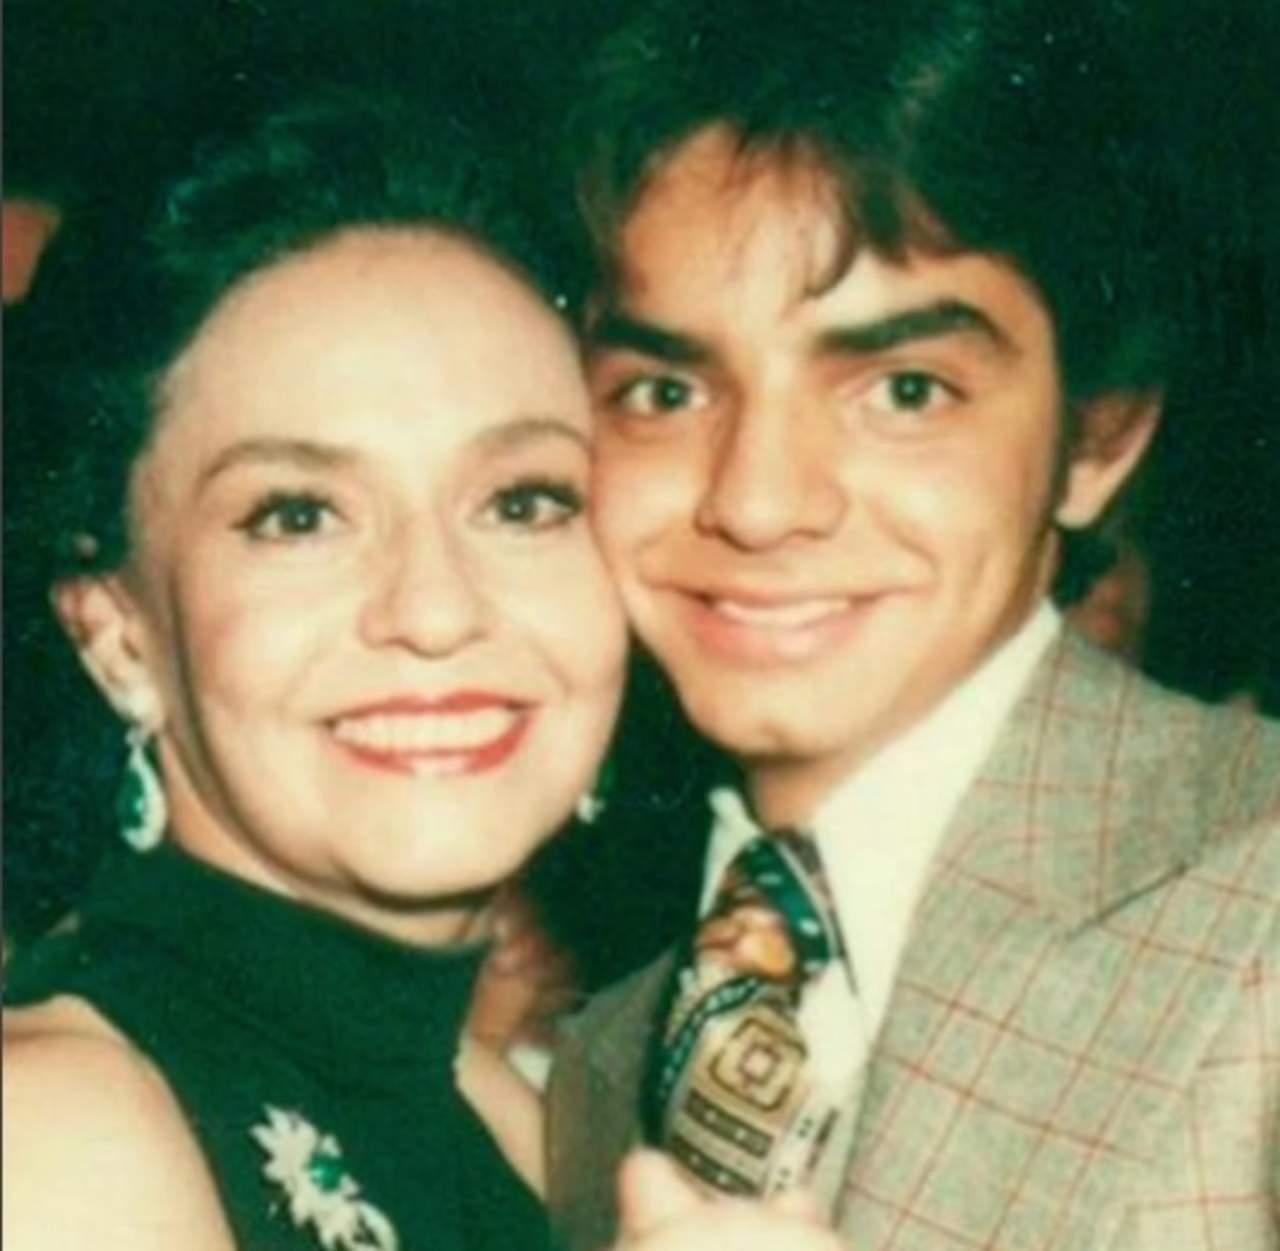 Derbez recuerda a su madre con emotivo video